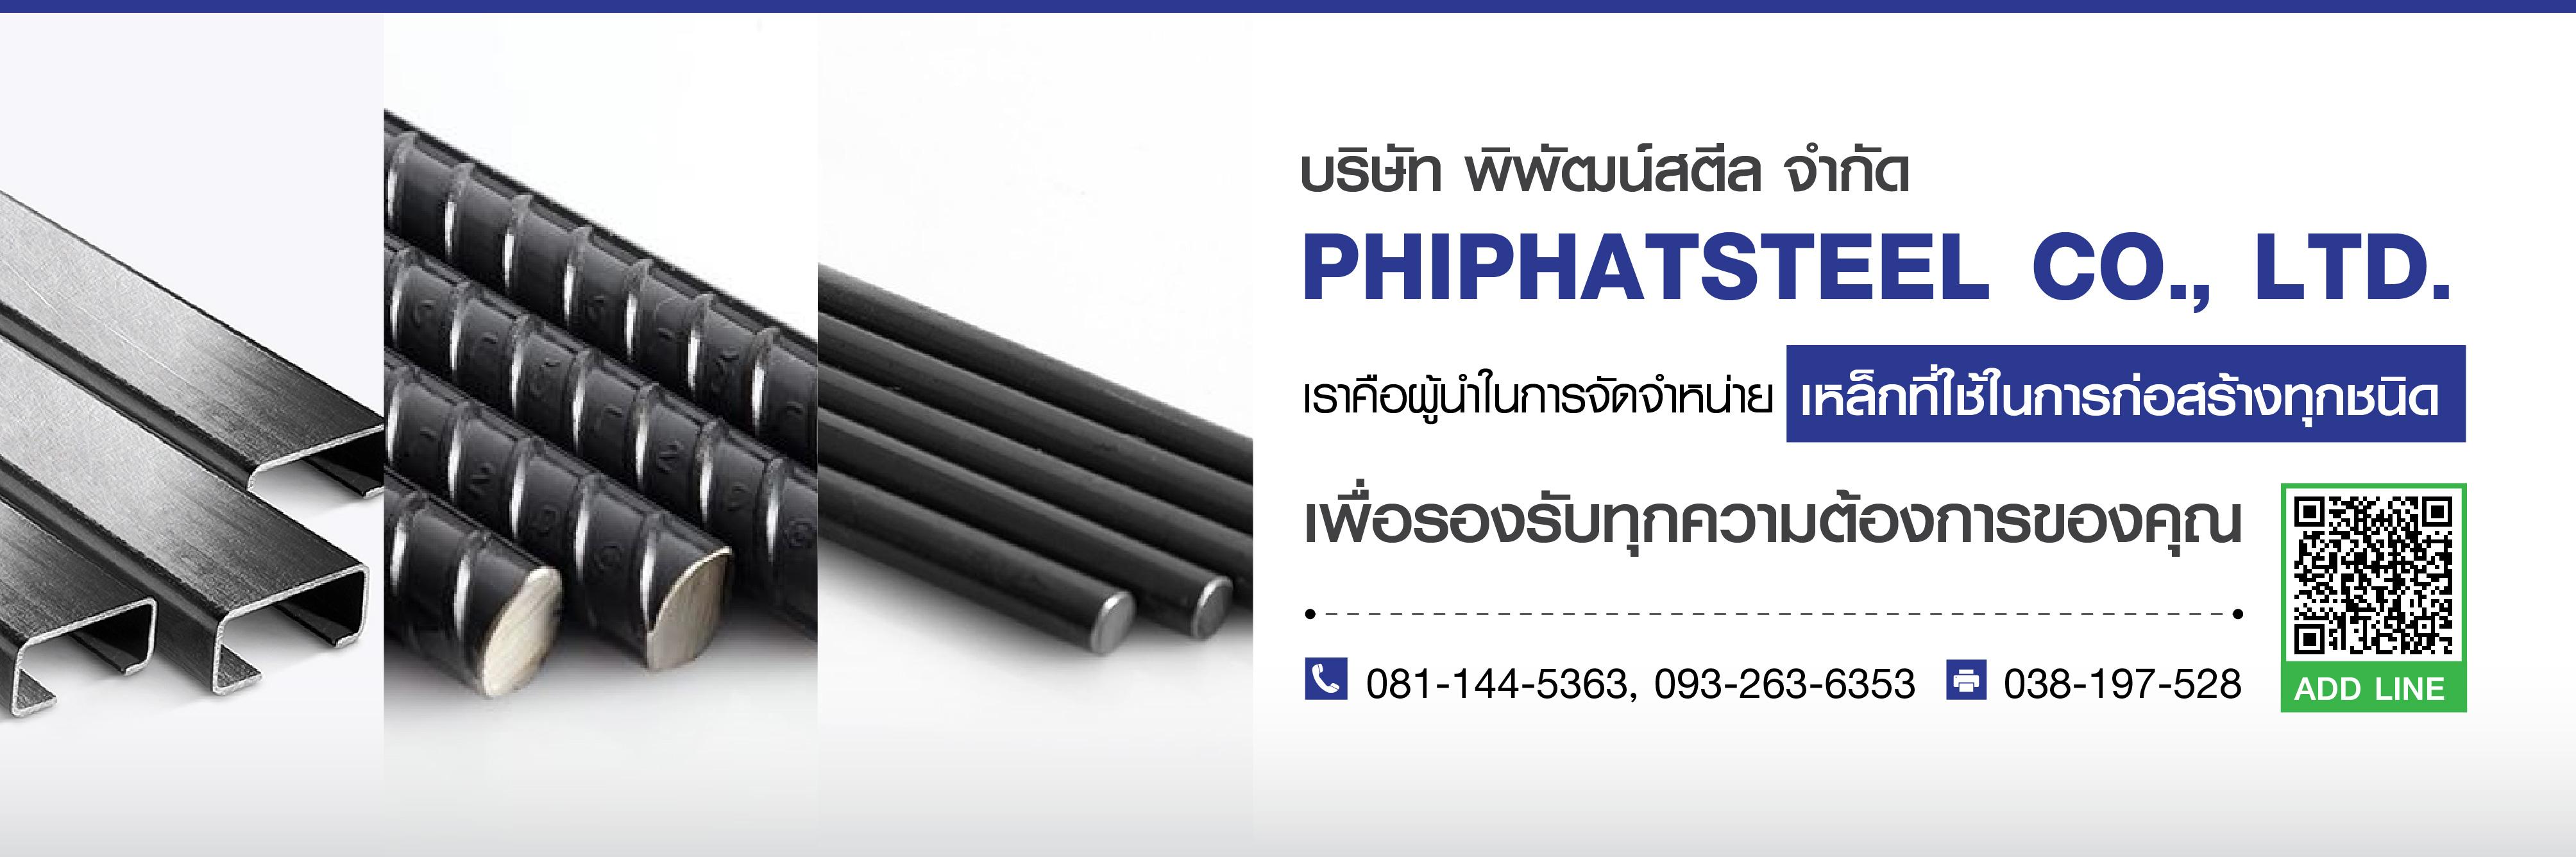 https://www.phiphatsteel1.com/TH/Home